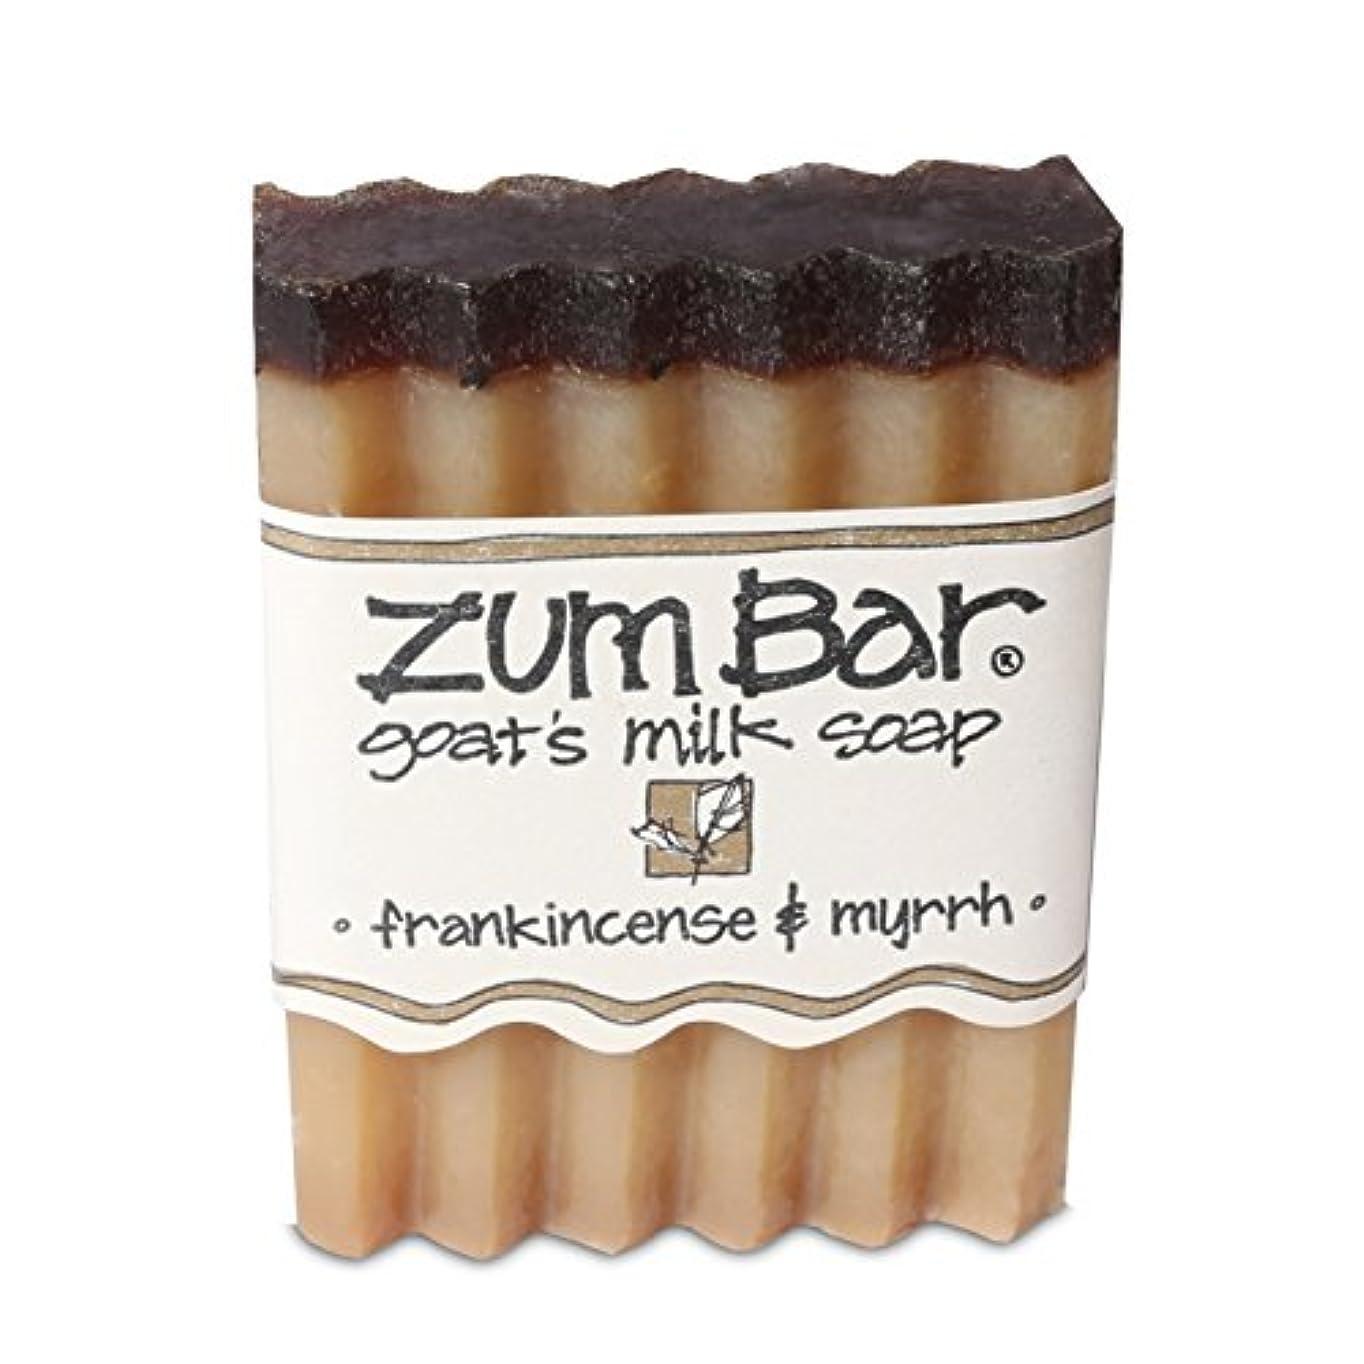 簡略化する読書費用海外直送品 Indigo Wild, Zum Bar, Goat's ミルク ソープ フランキンセンス&ミルラ, 3 Ounces (2個セット) (Frankincense & Myrrh) [並行輸入品]